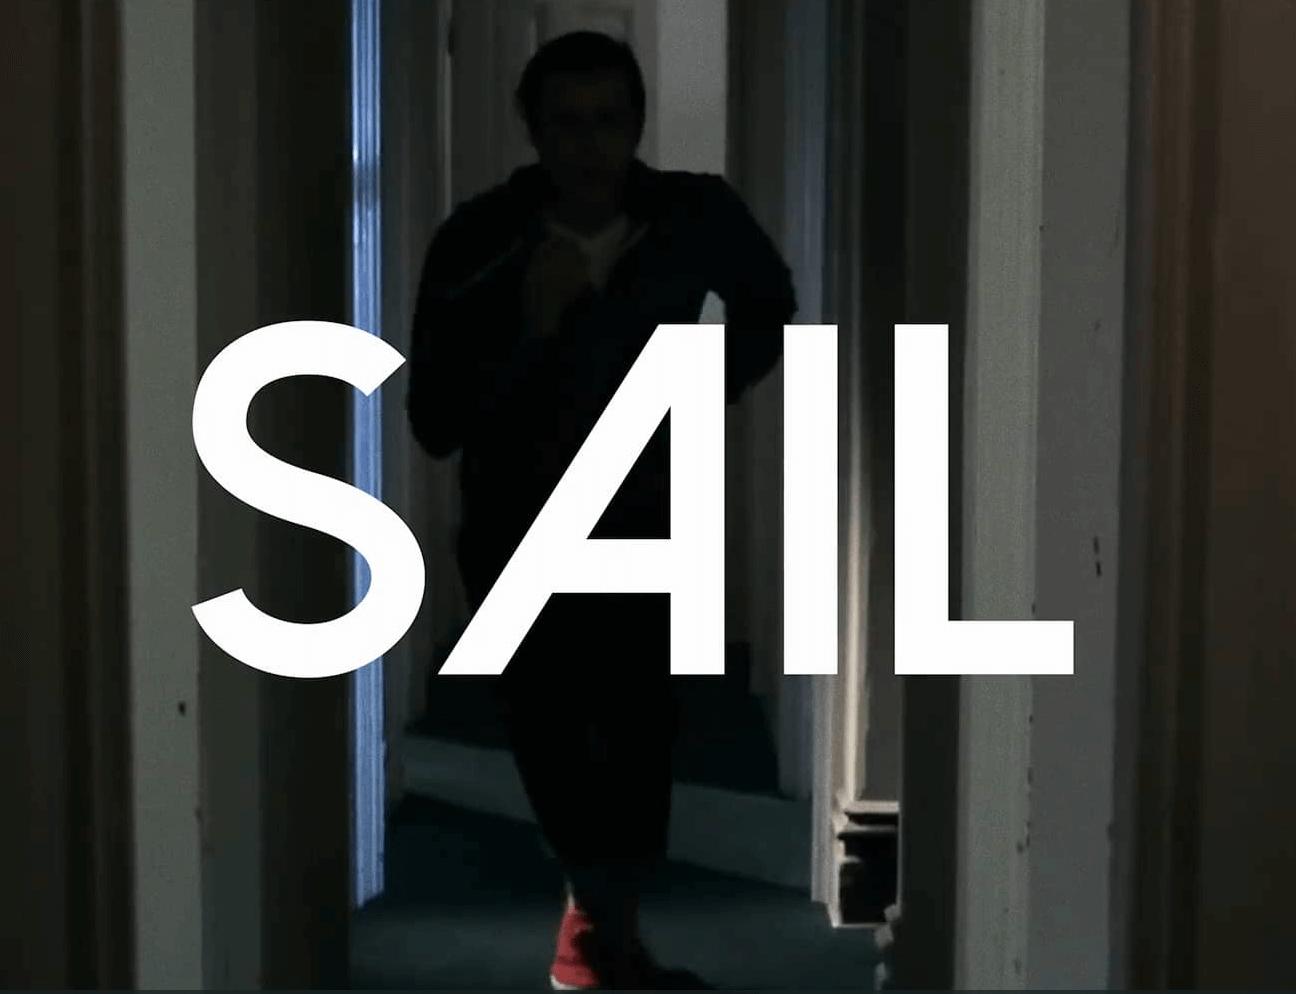 Sail by Awolnation